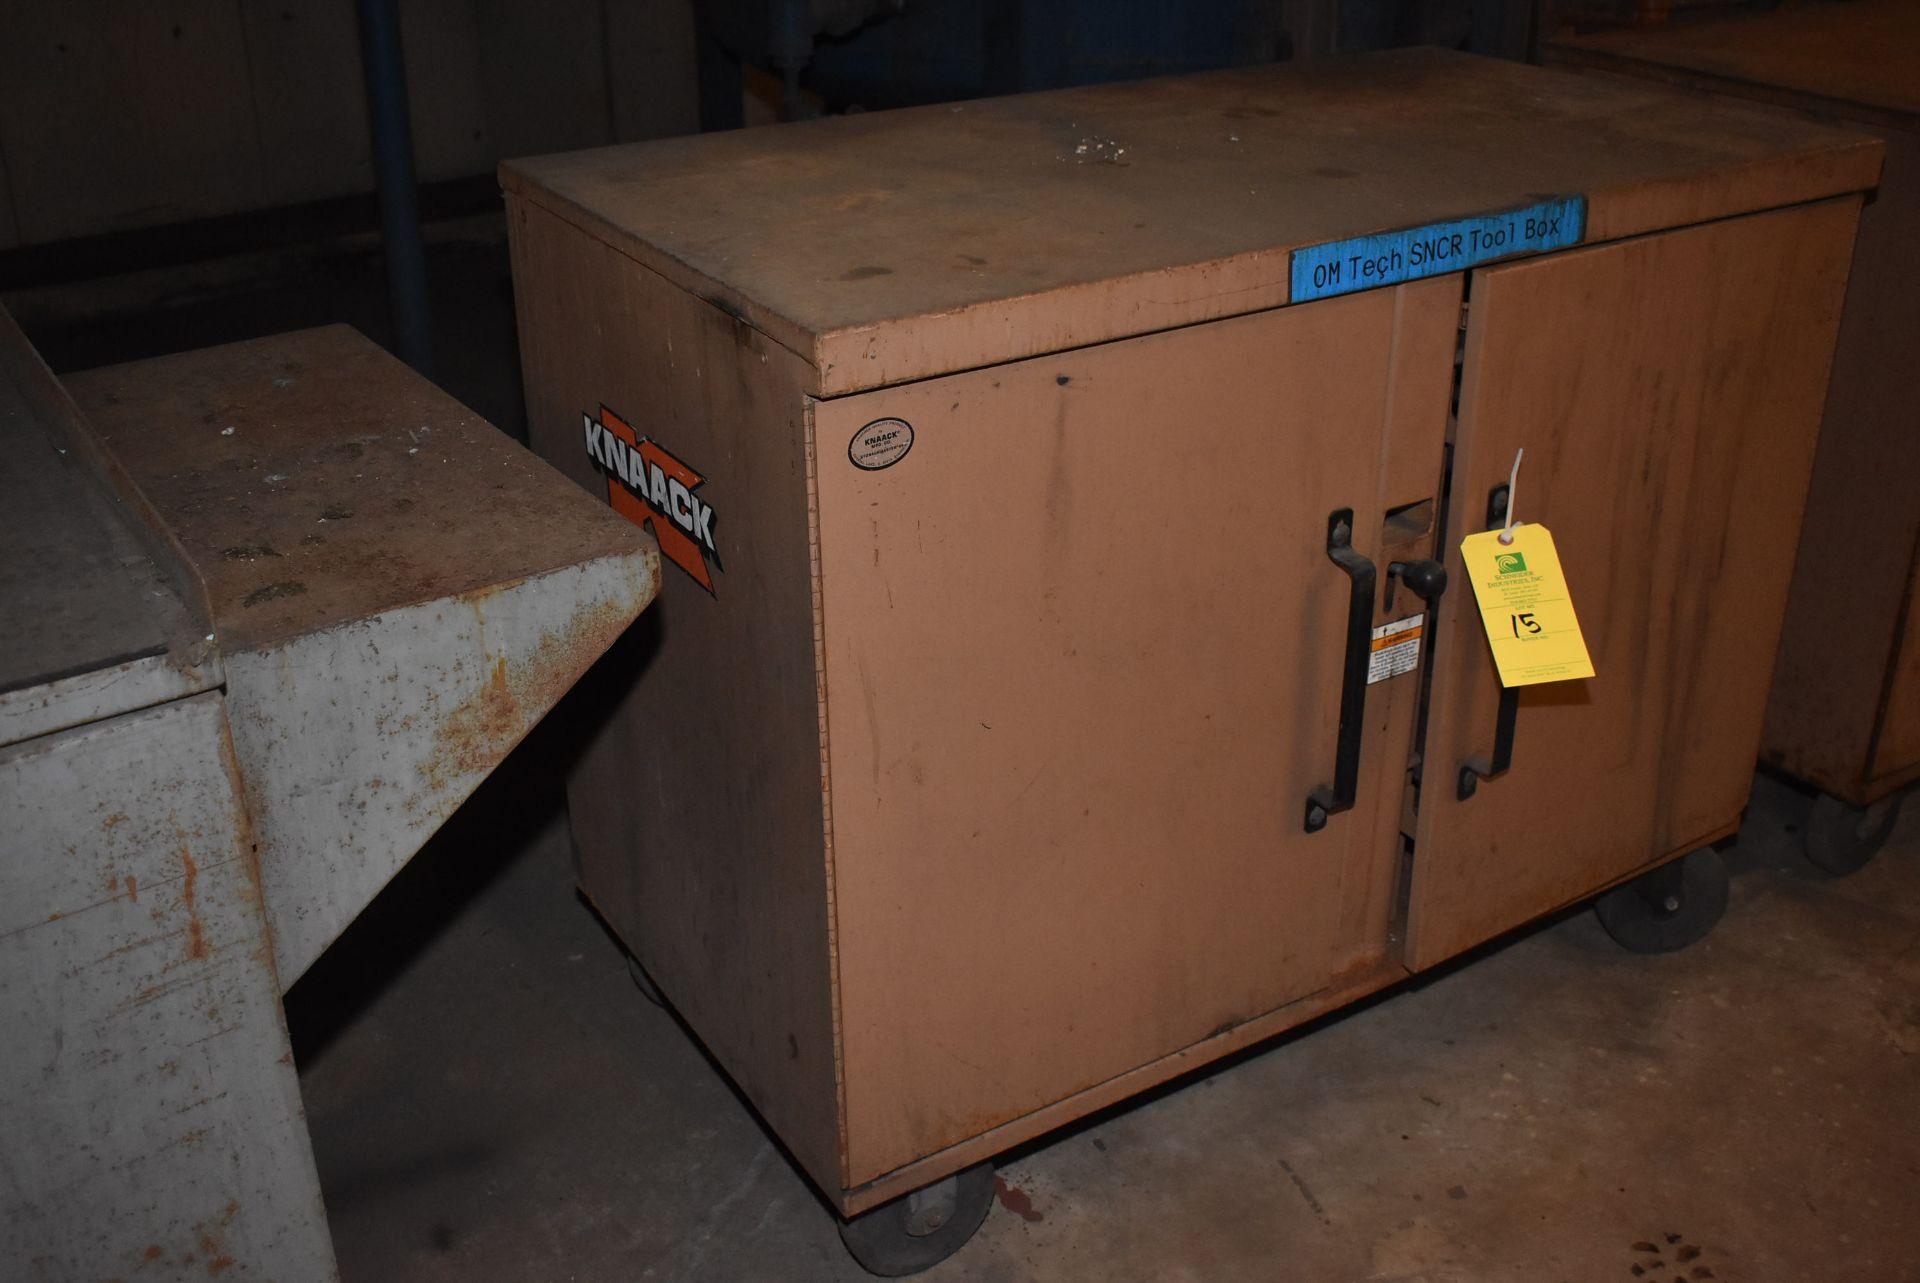 Lot 15 - Knaack Storagemaster Master 4S Job Box